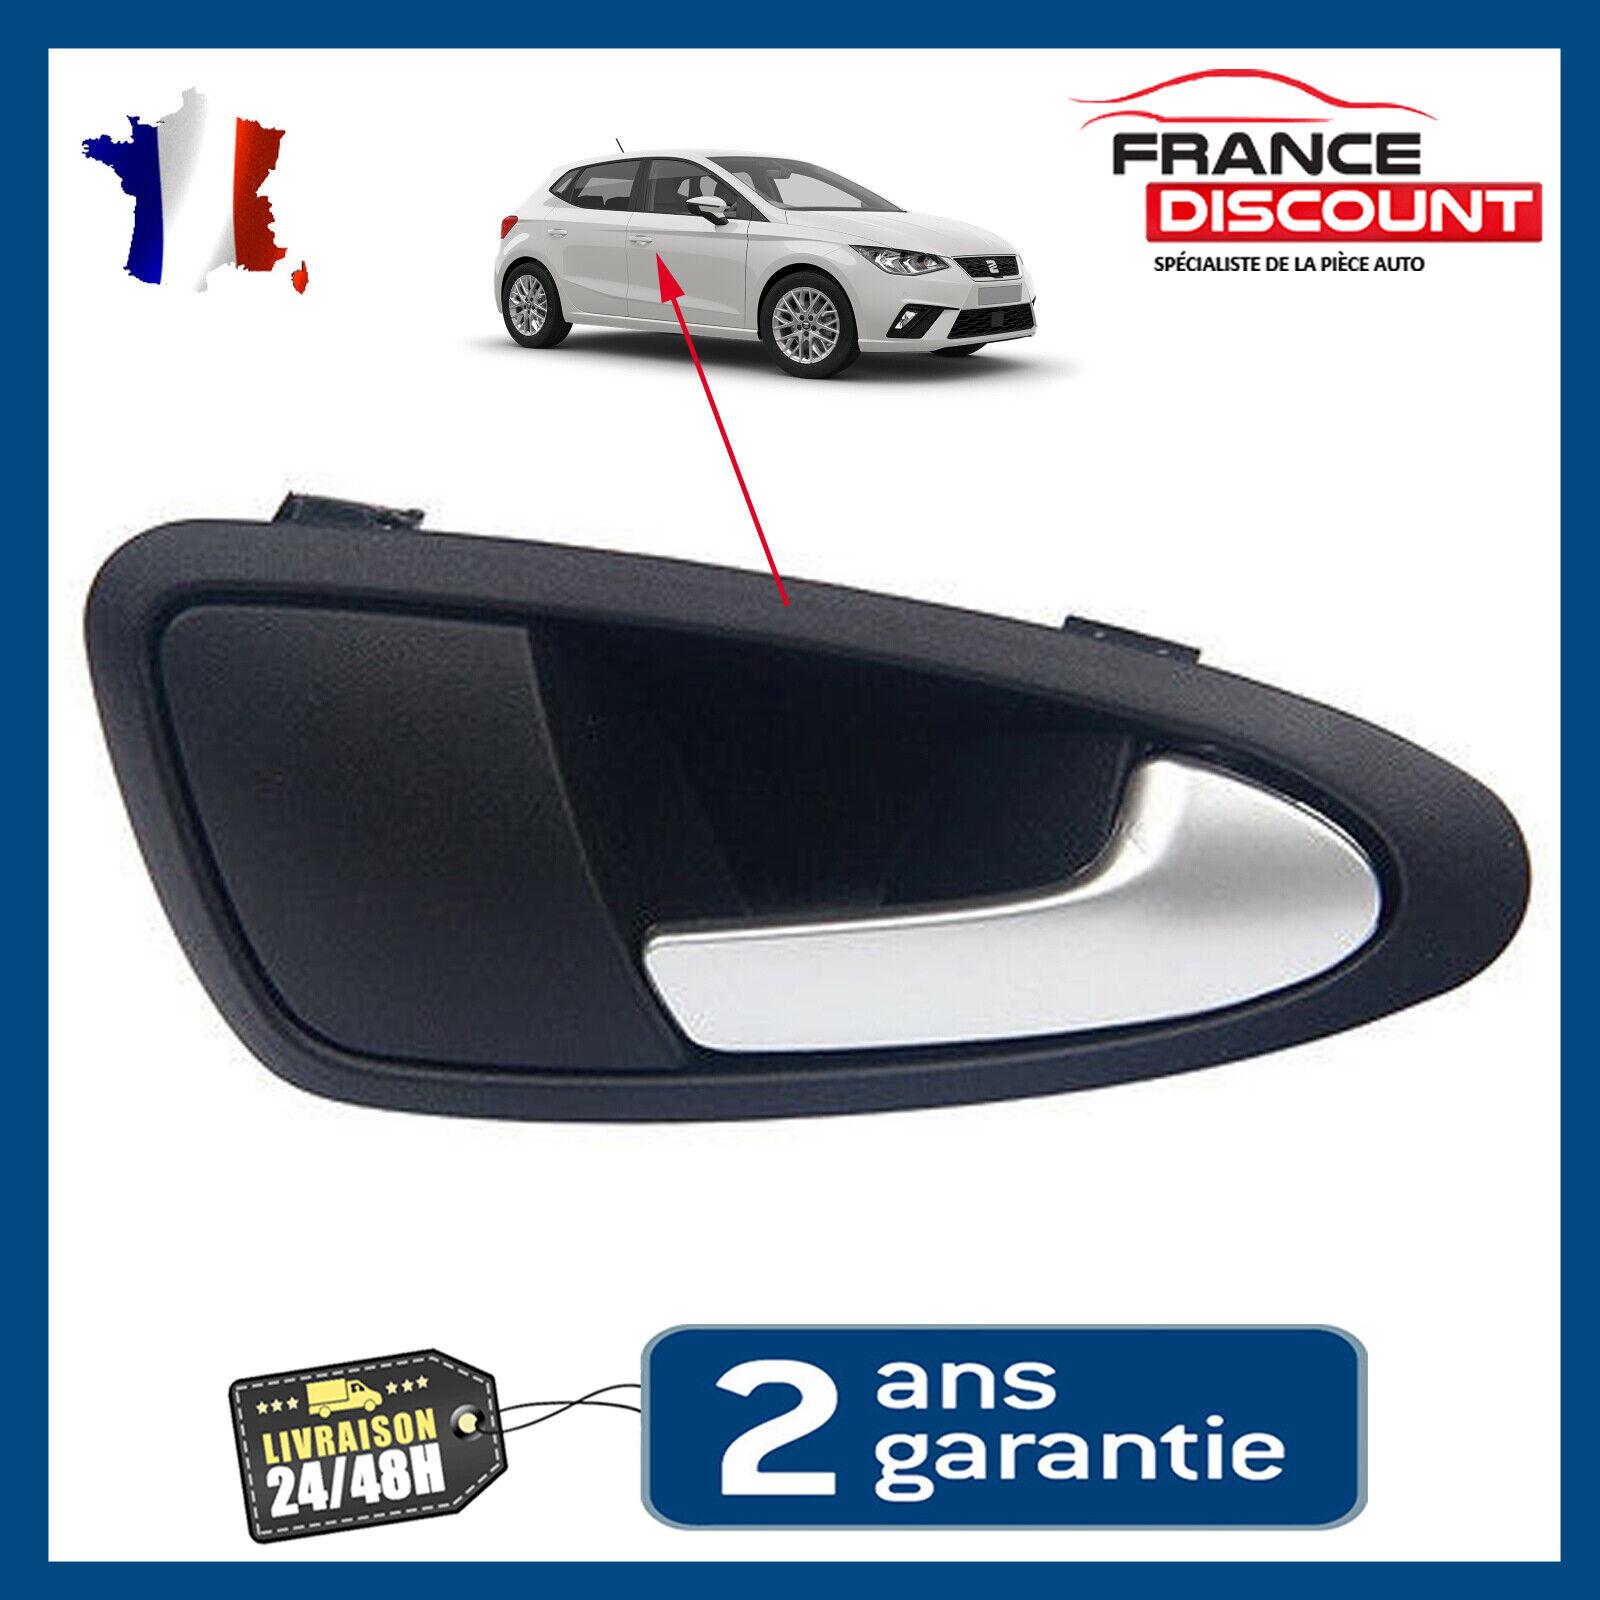 Gaetooely Poign/ée de Porte Int/éRieure Auto Voiture pour Seat Ibiza 2009-2012 Gw 6J0837113a 6J1837113a Gauche